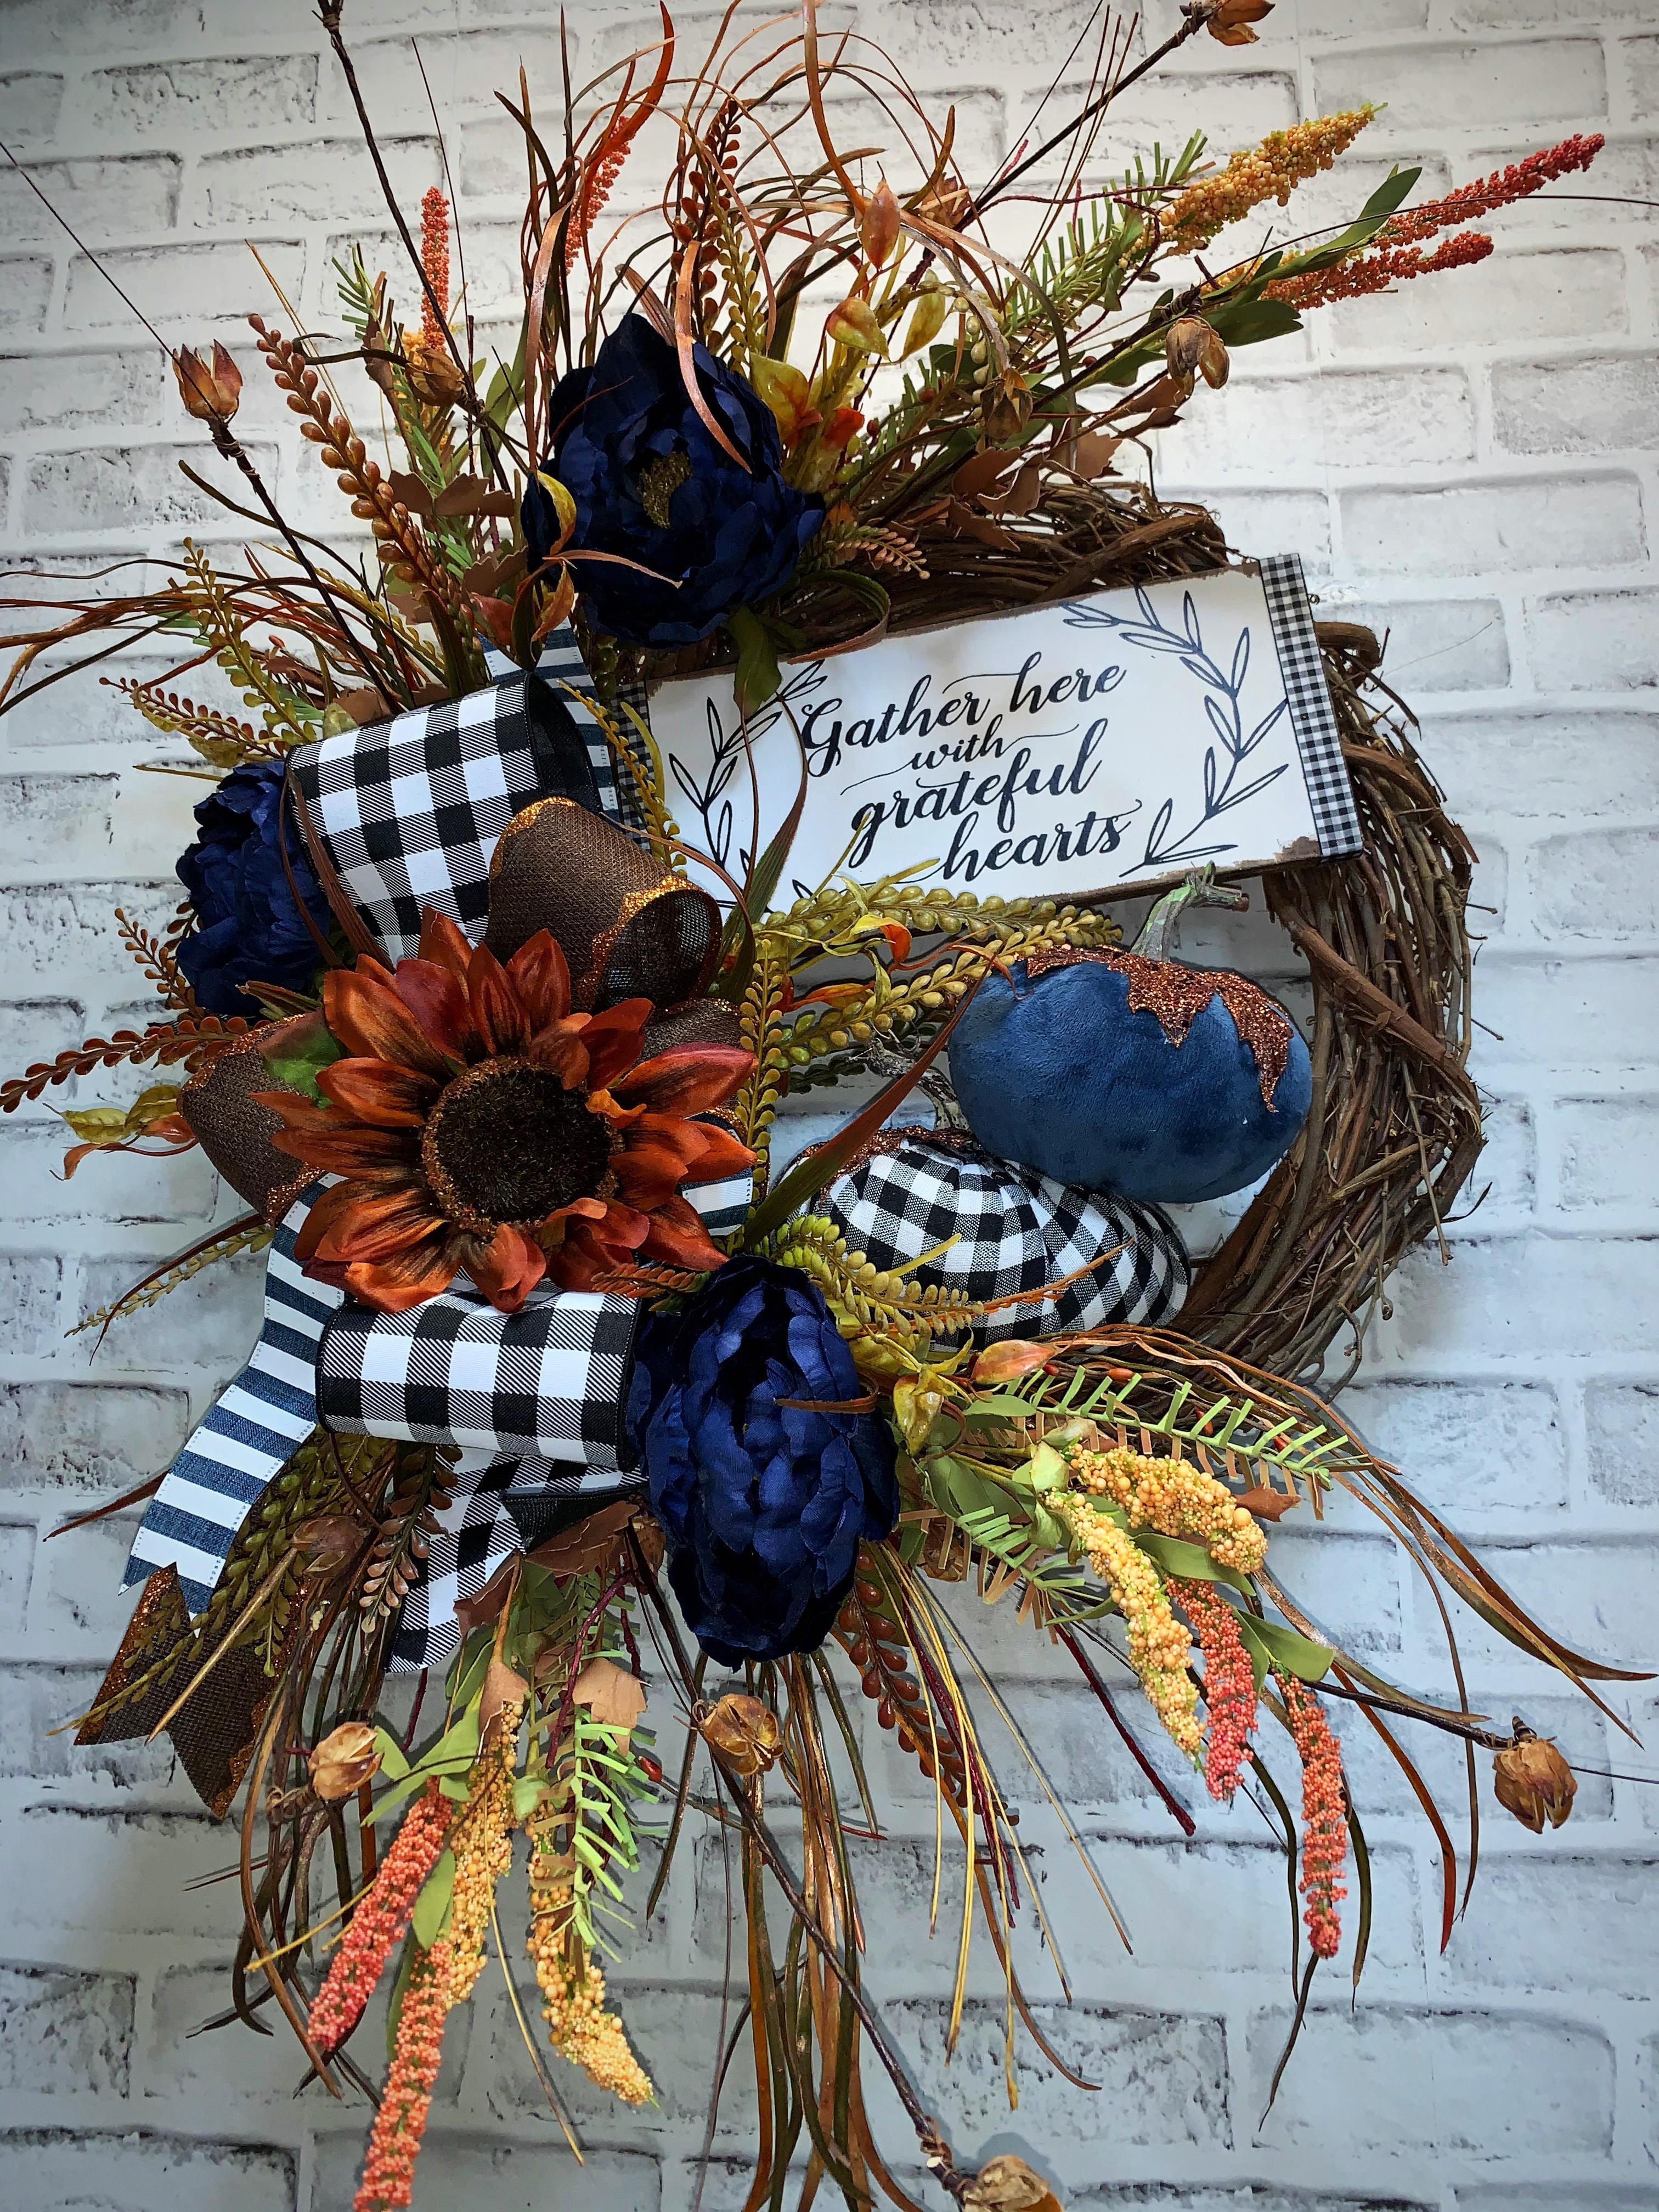 Fall Wreath Free Shipping Fall Door Wreath Fall Pumpkin Wreath Blue Pumpkins Blue For Fall Blue Fall Wreath Blue Peonies One Of A Kind Fall Wreath Black And White Plaid Pumpkin Wreath